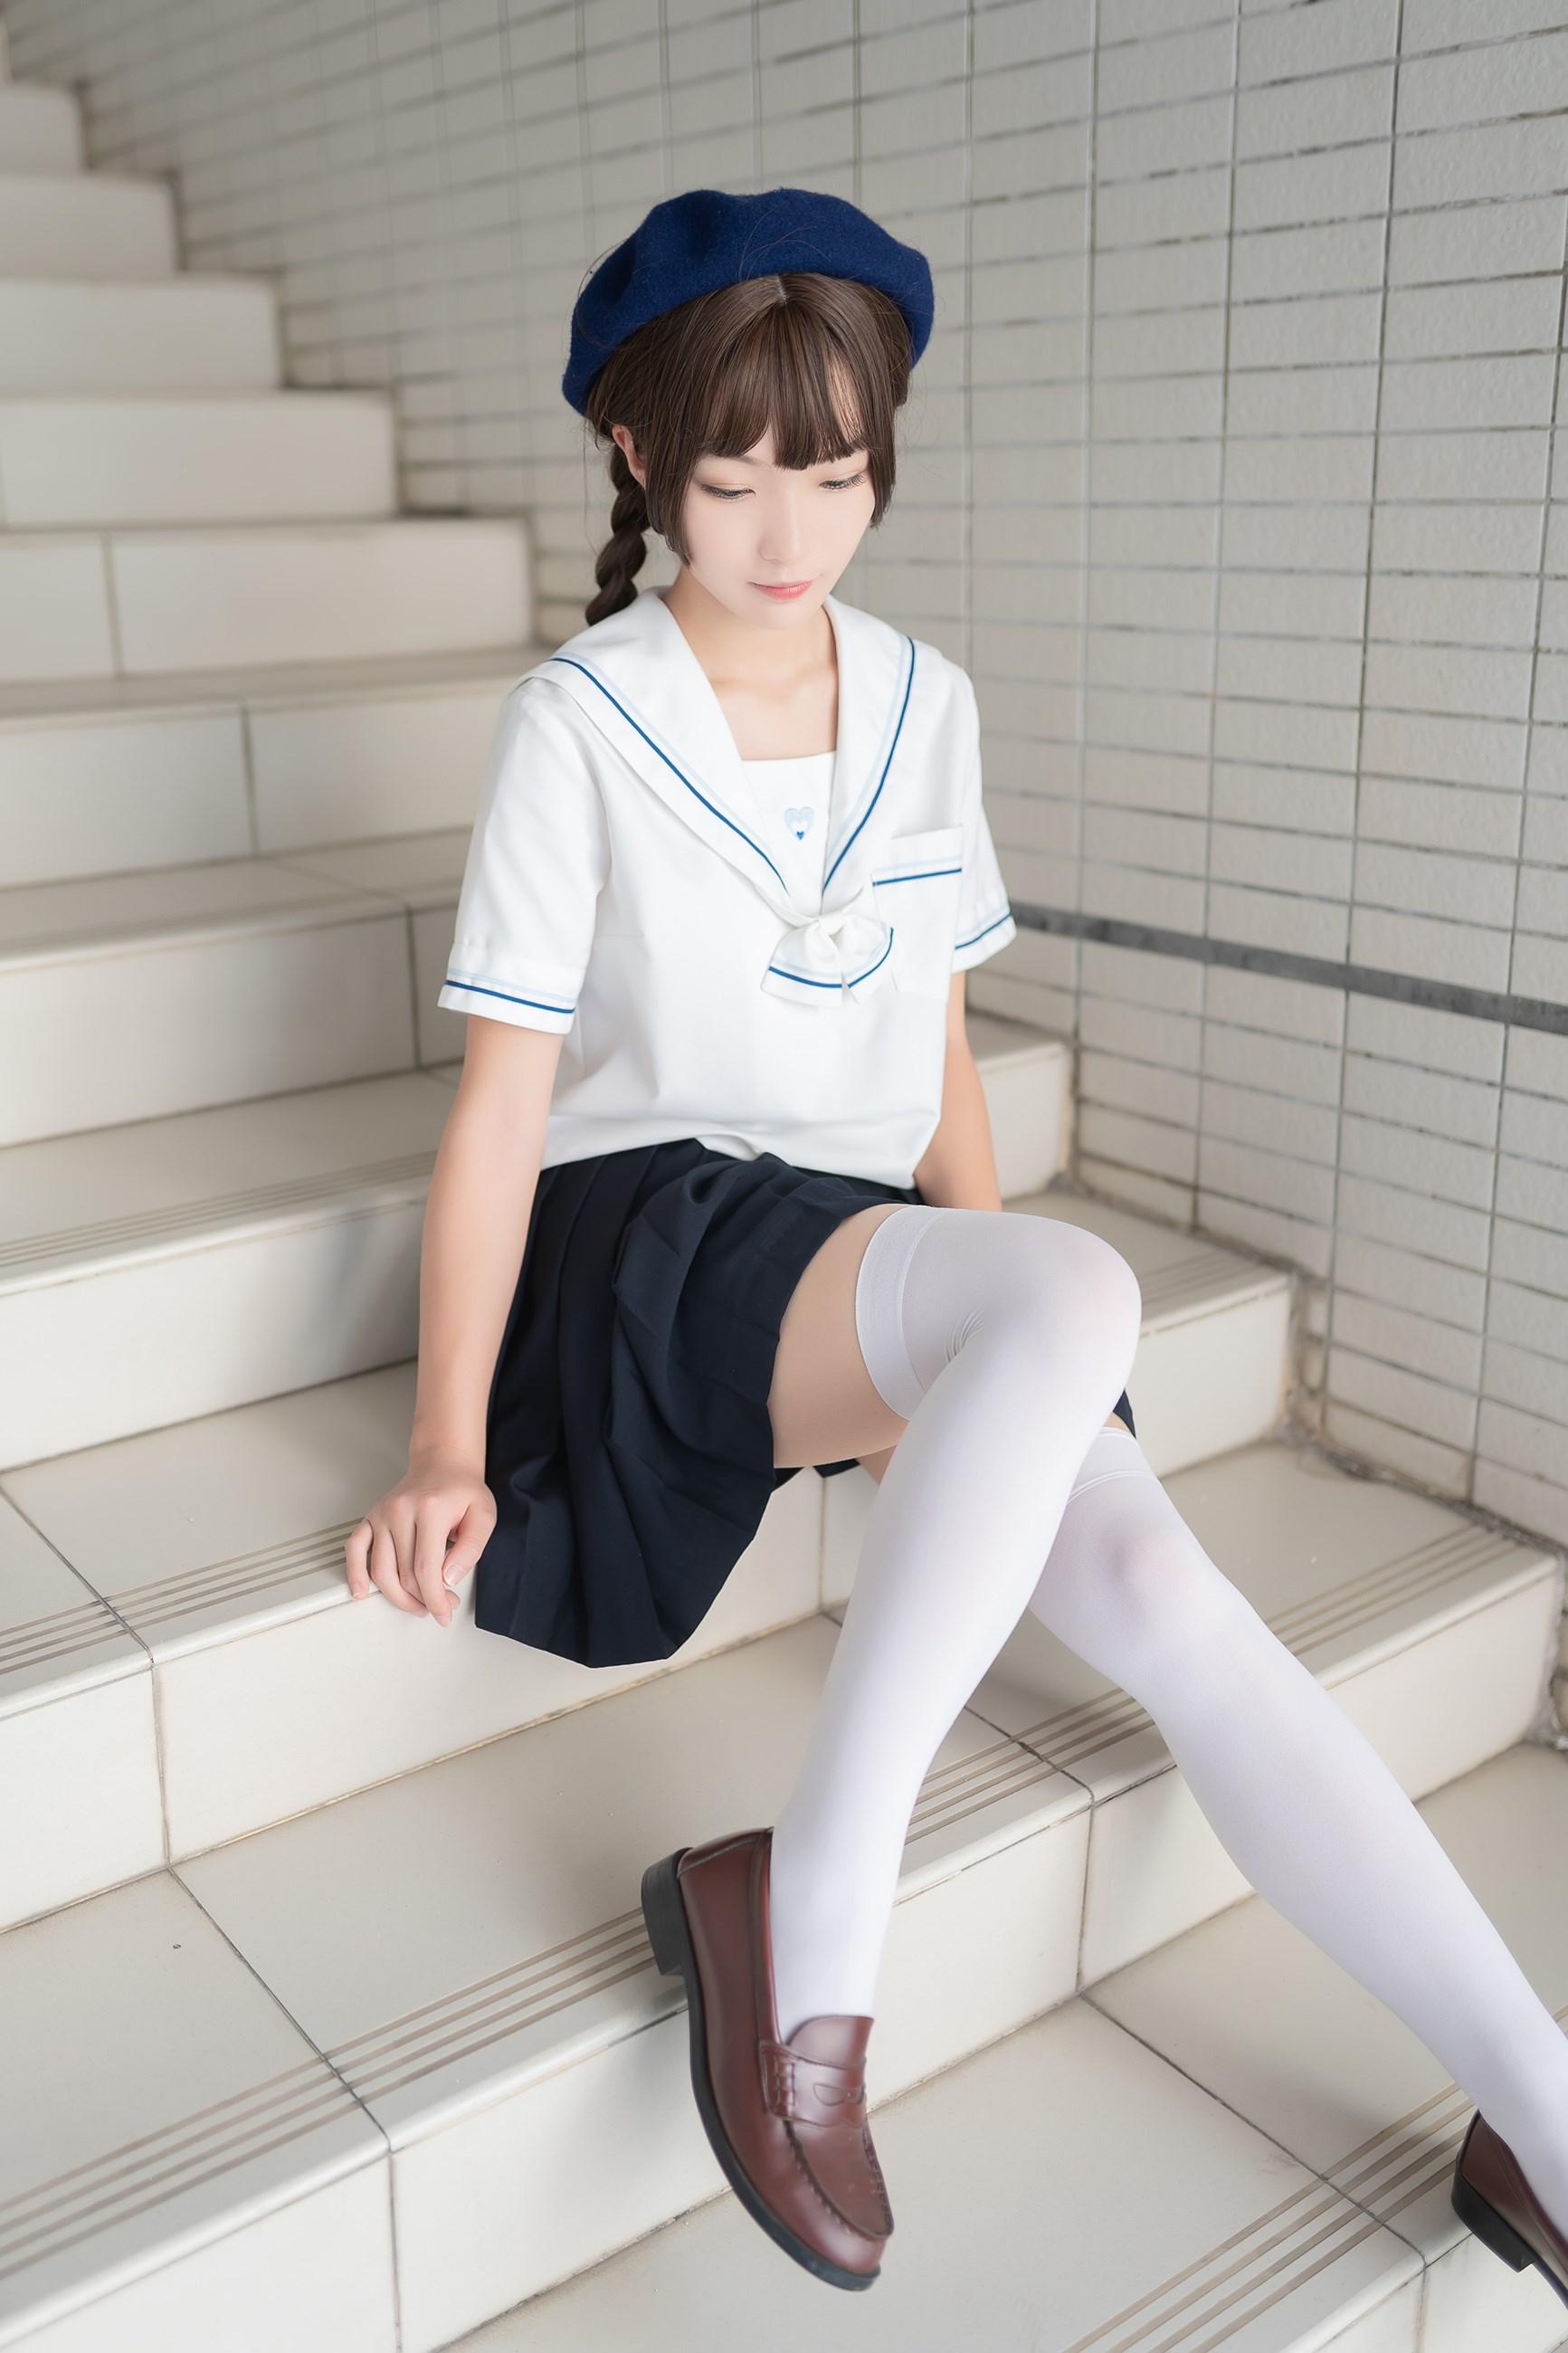 【兔玩映画】楼梯上的白丝少女 兔玩映画 第16张